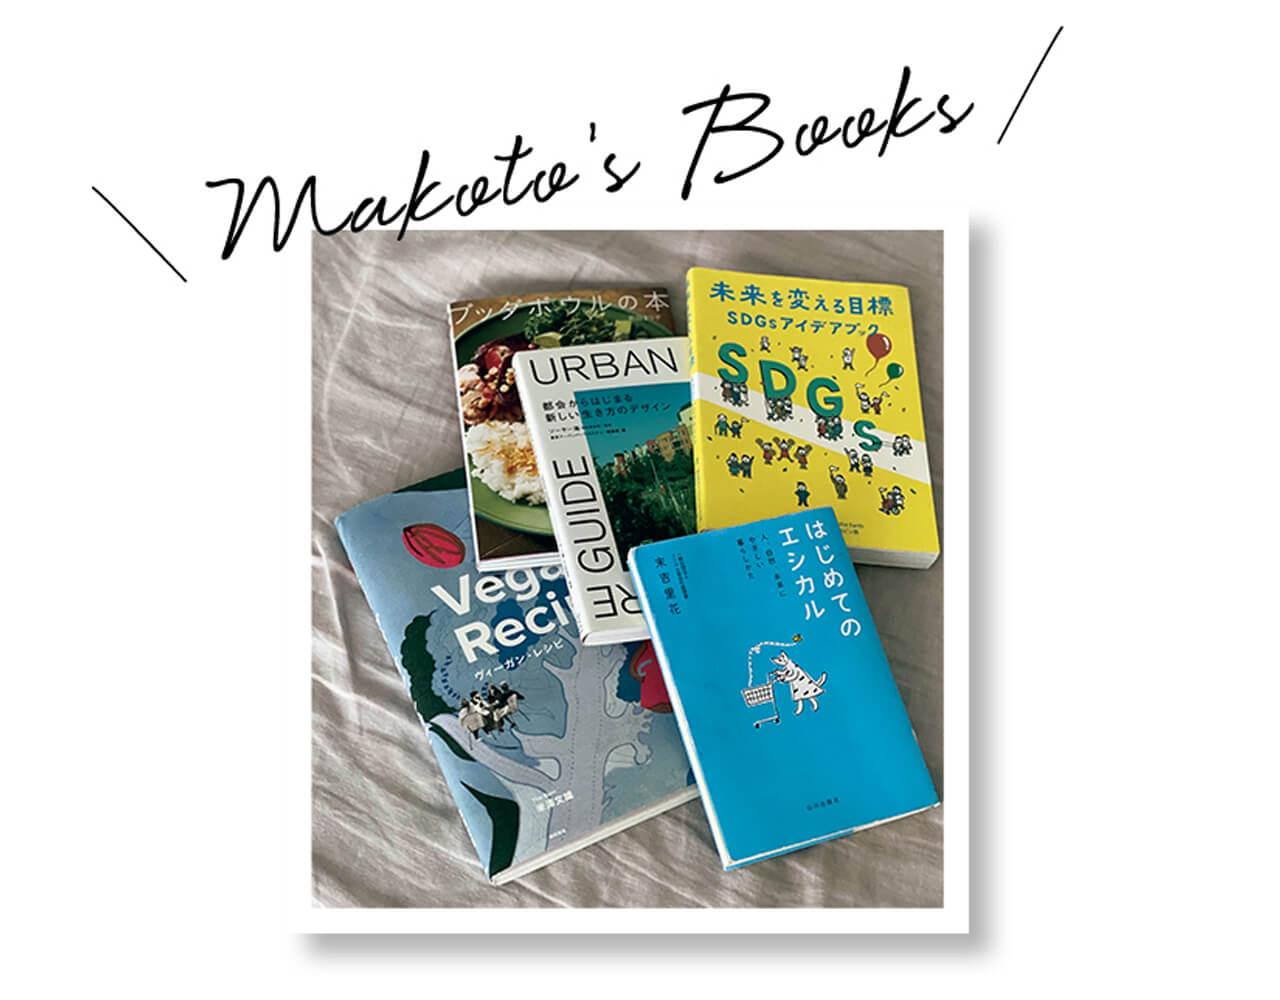 Makoto's Books